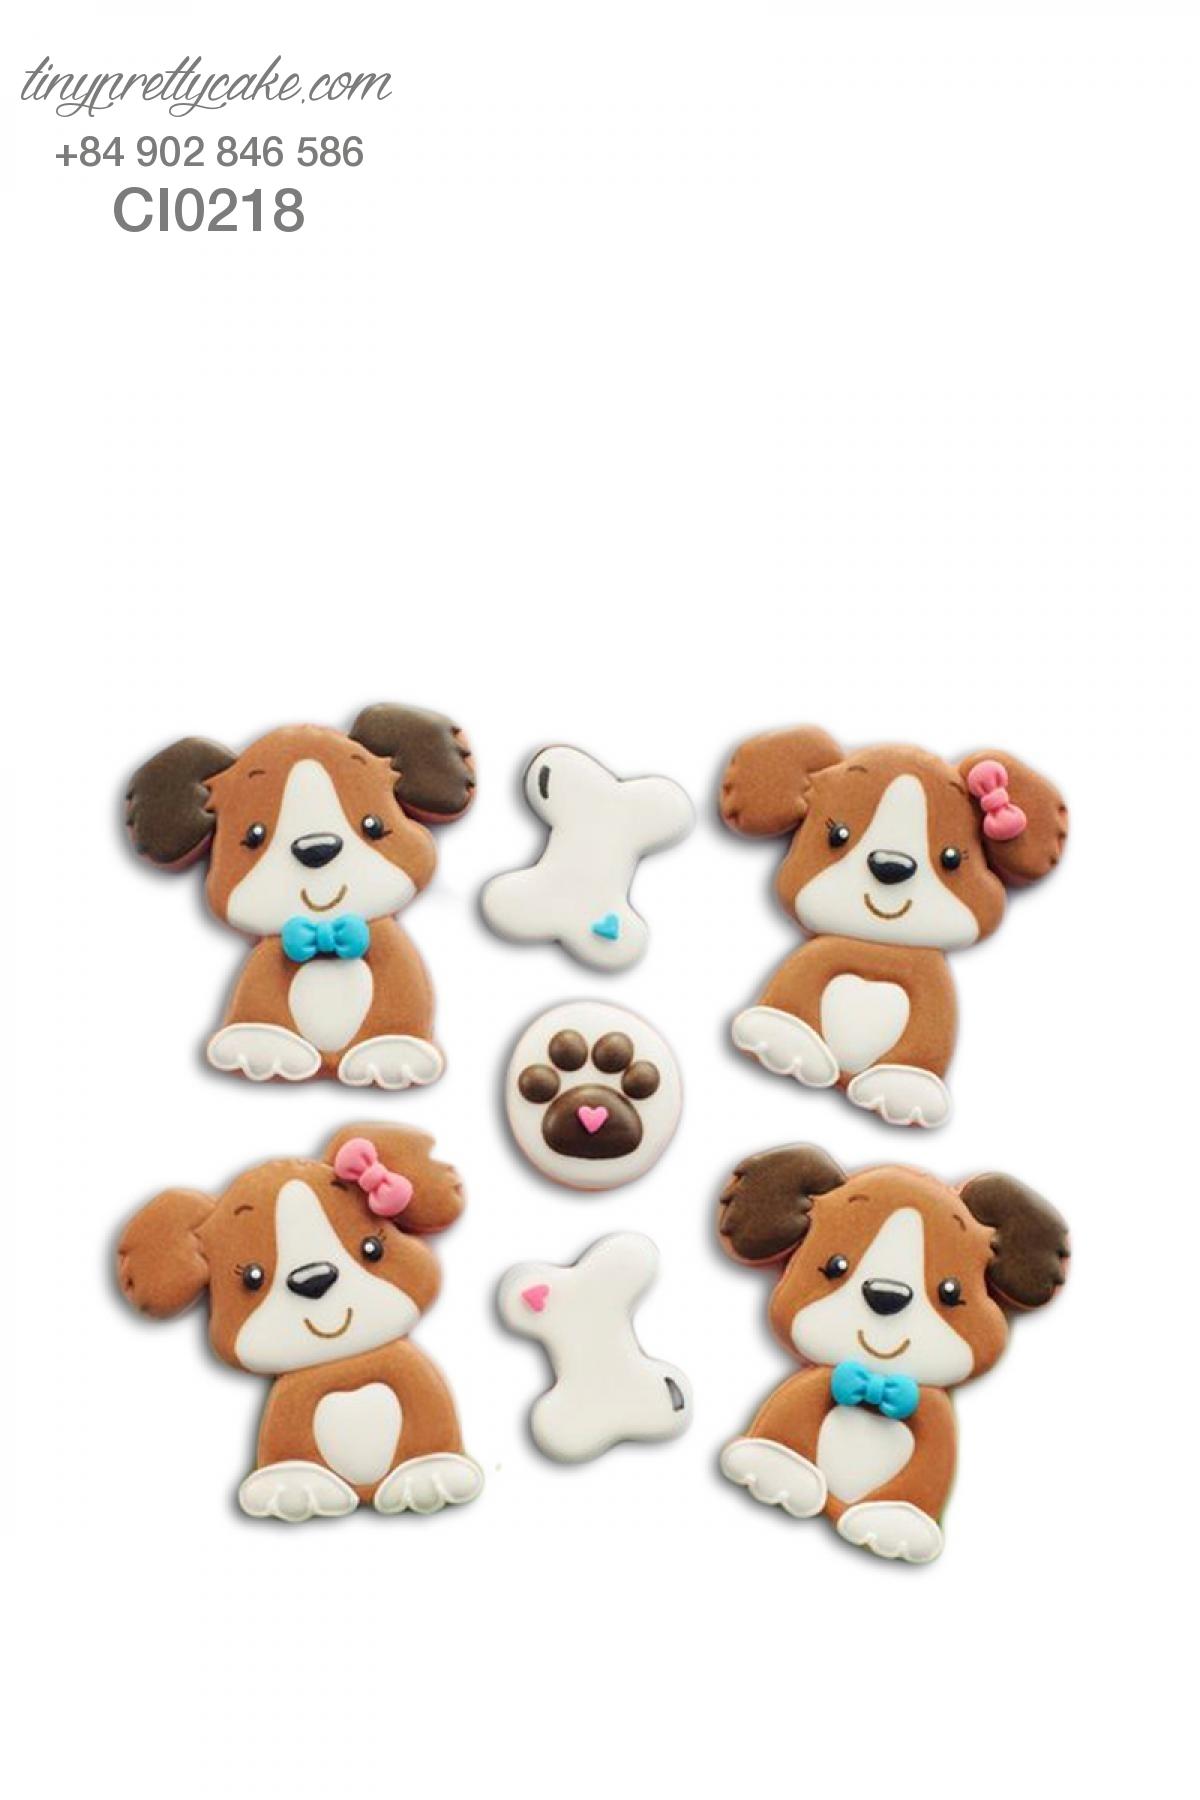 Cookie cún con dễ thương và khúc xương - mừng sinh nhât bé trai, bé gái (CI0218)